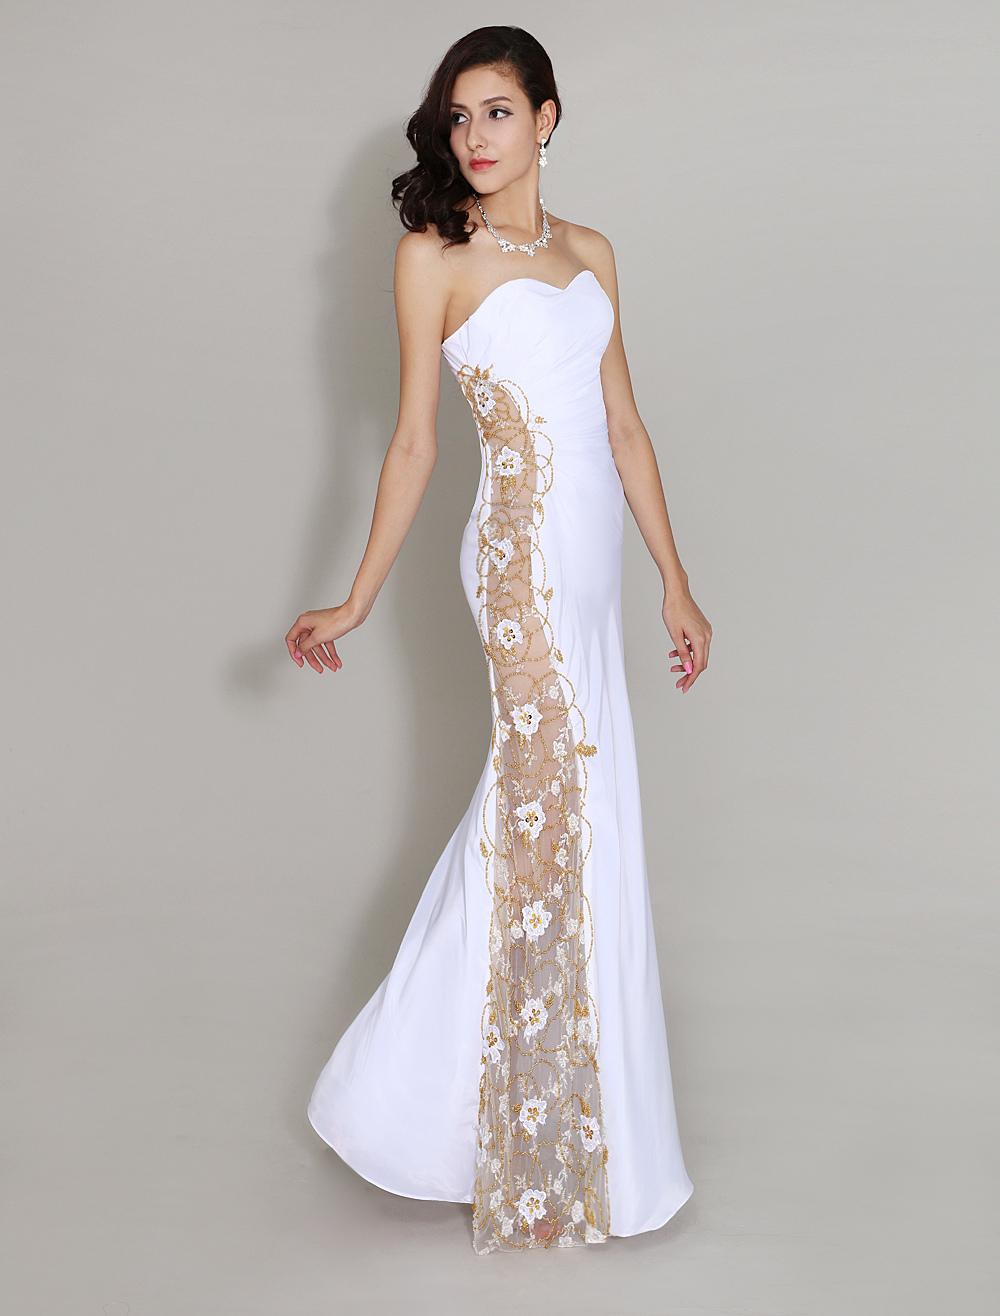 Abendkleid aus chiffon in wei for Milanoo abendkleider